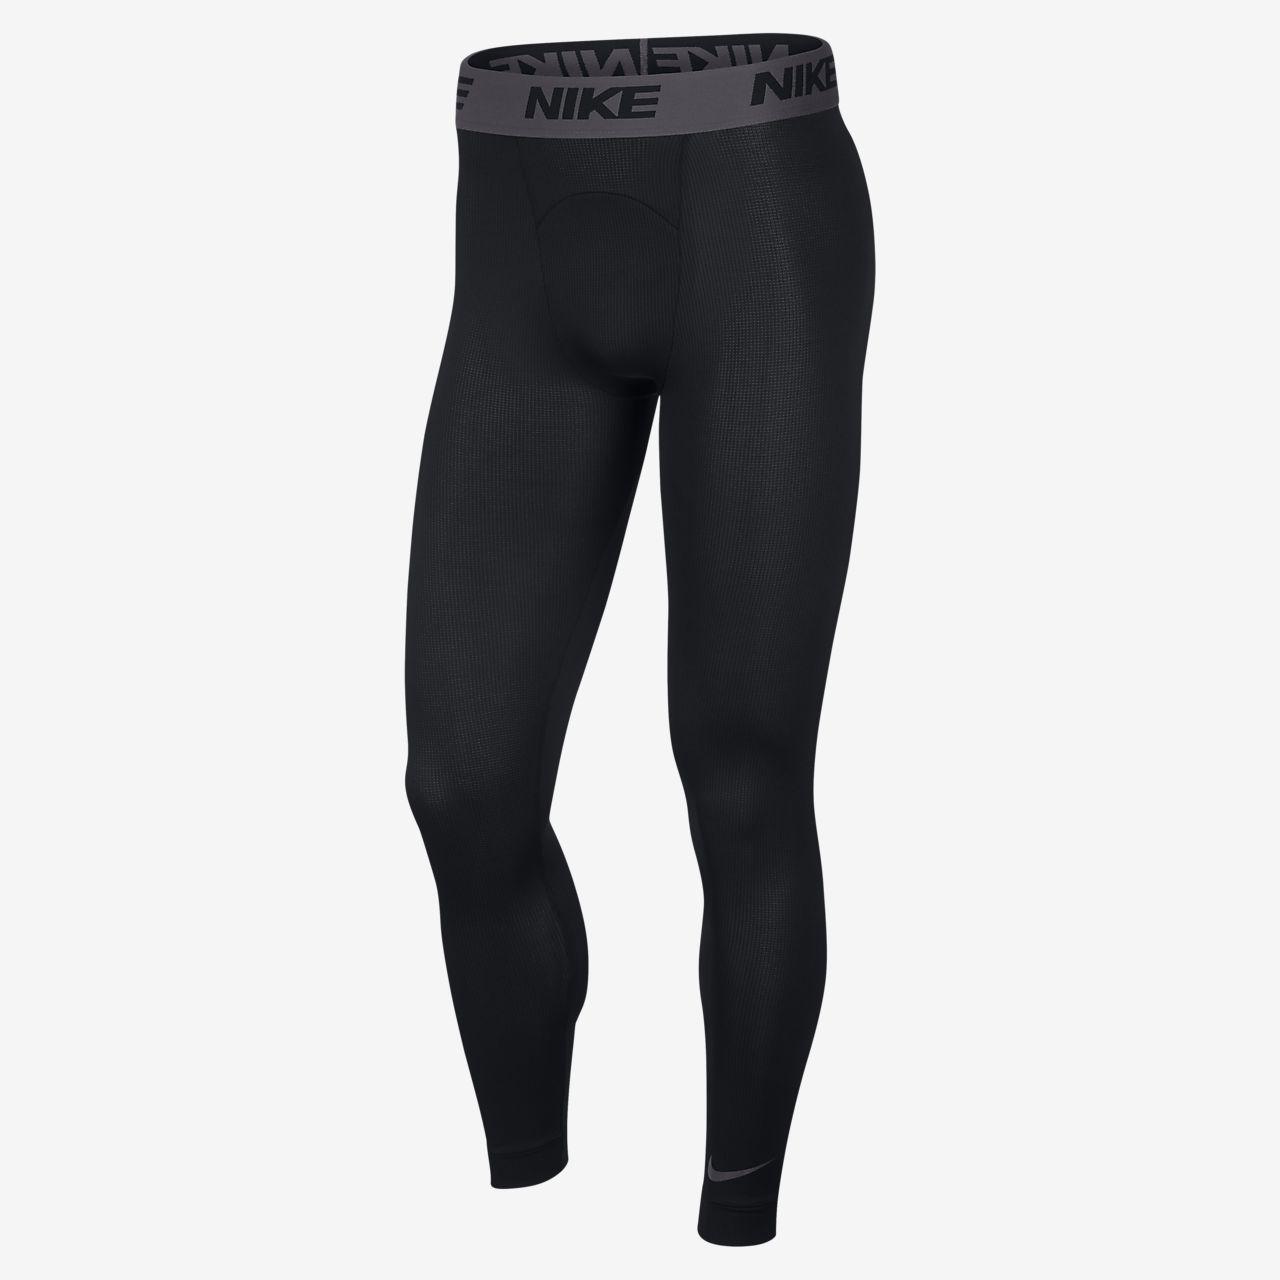 Nike-træningstights til mænd